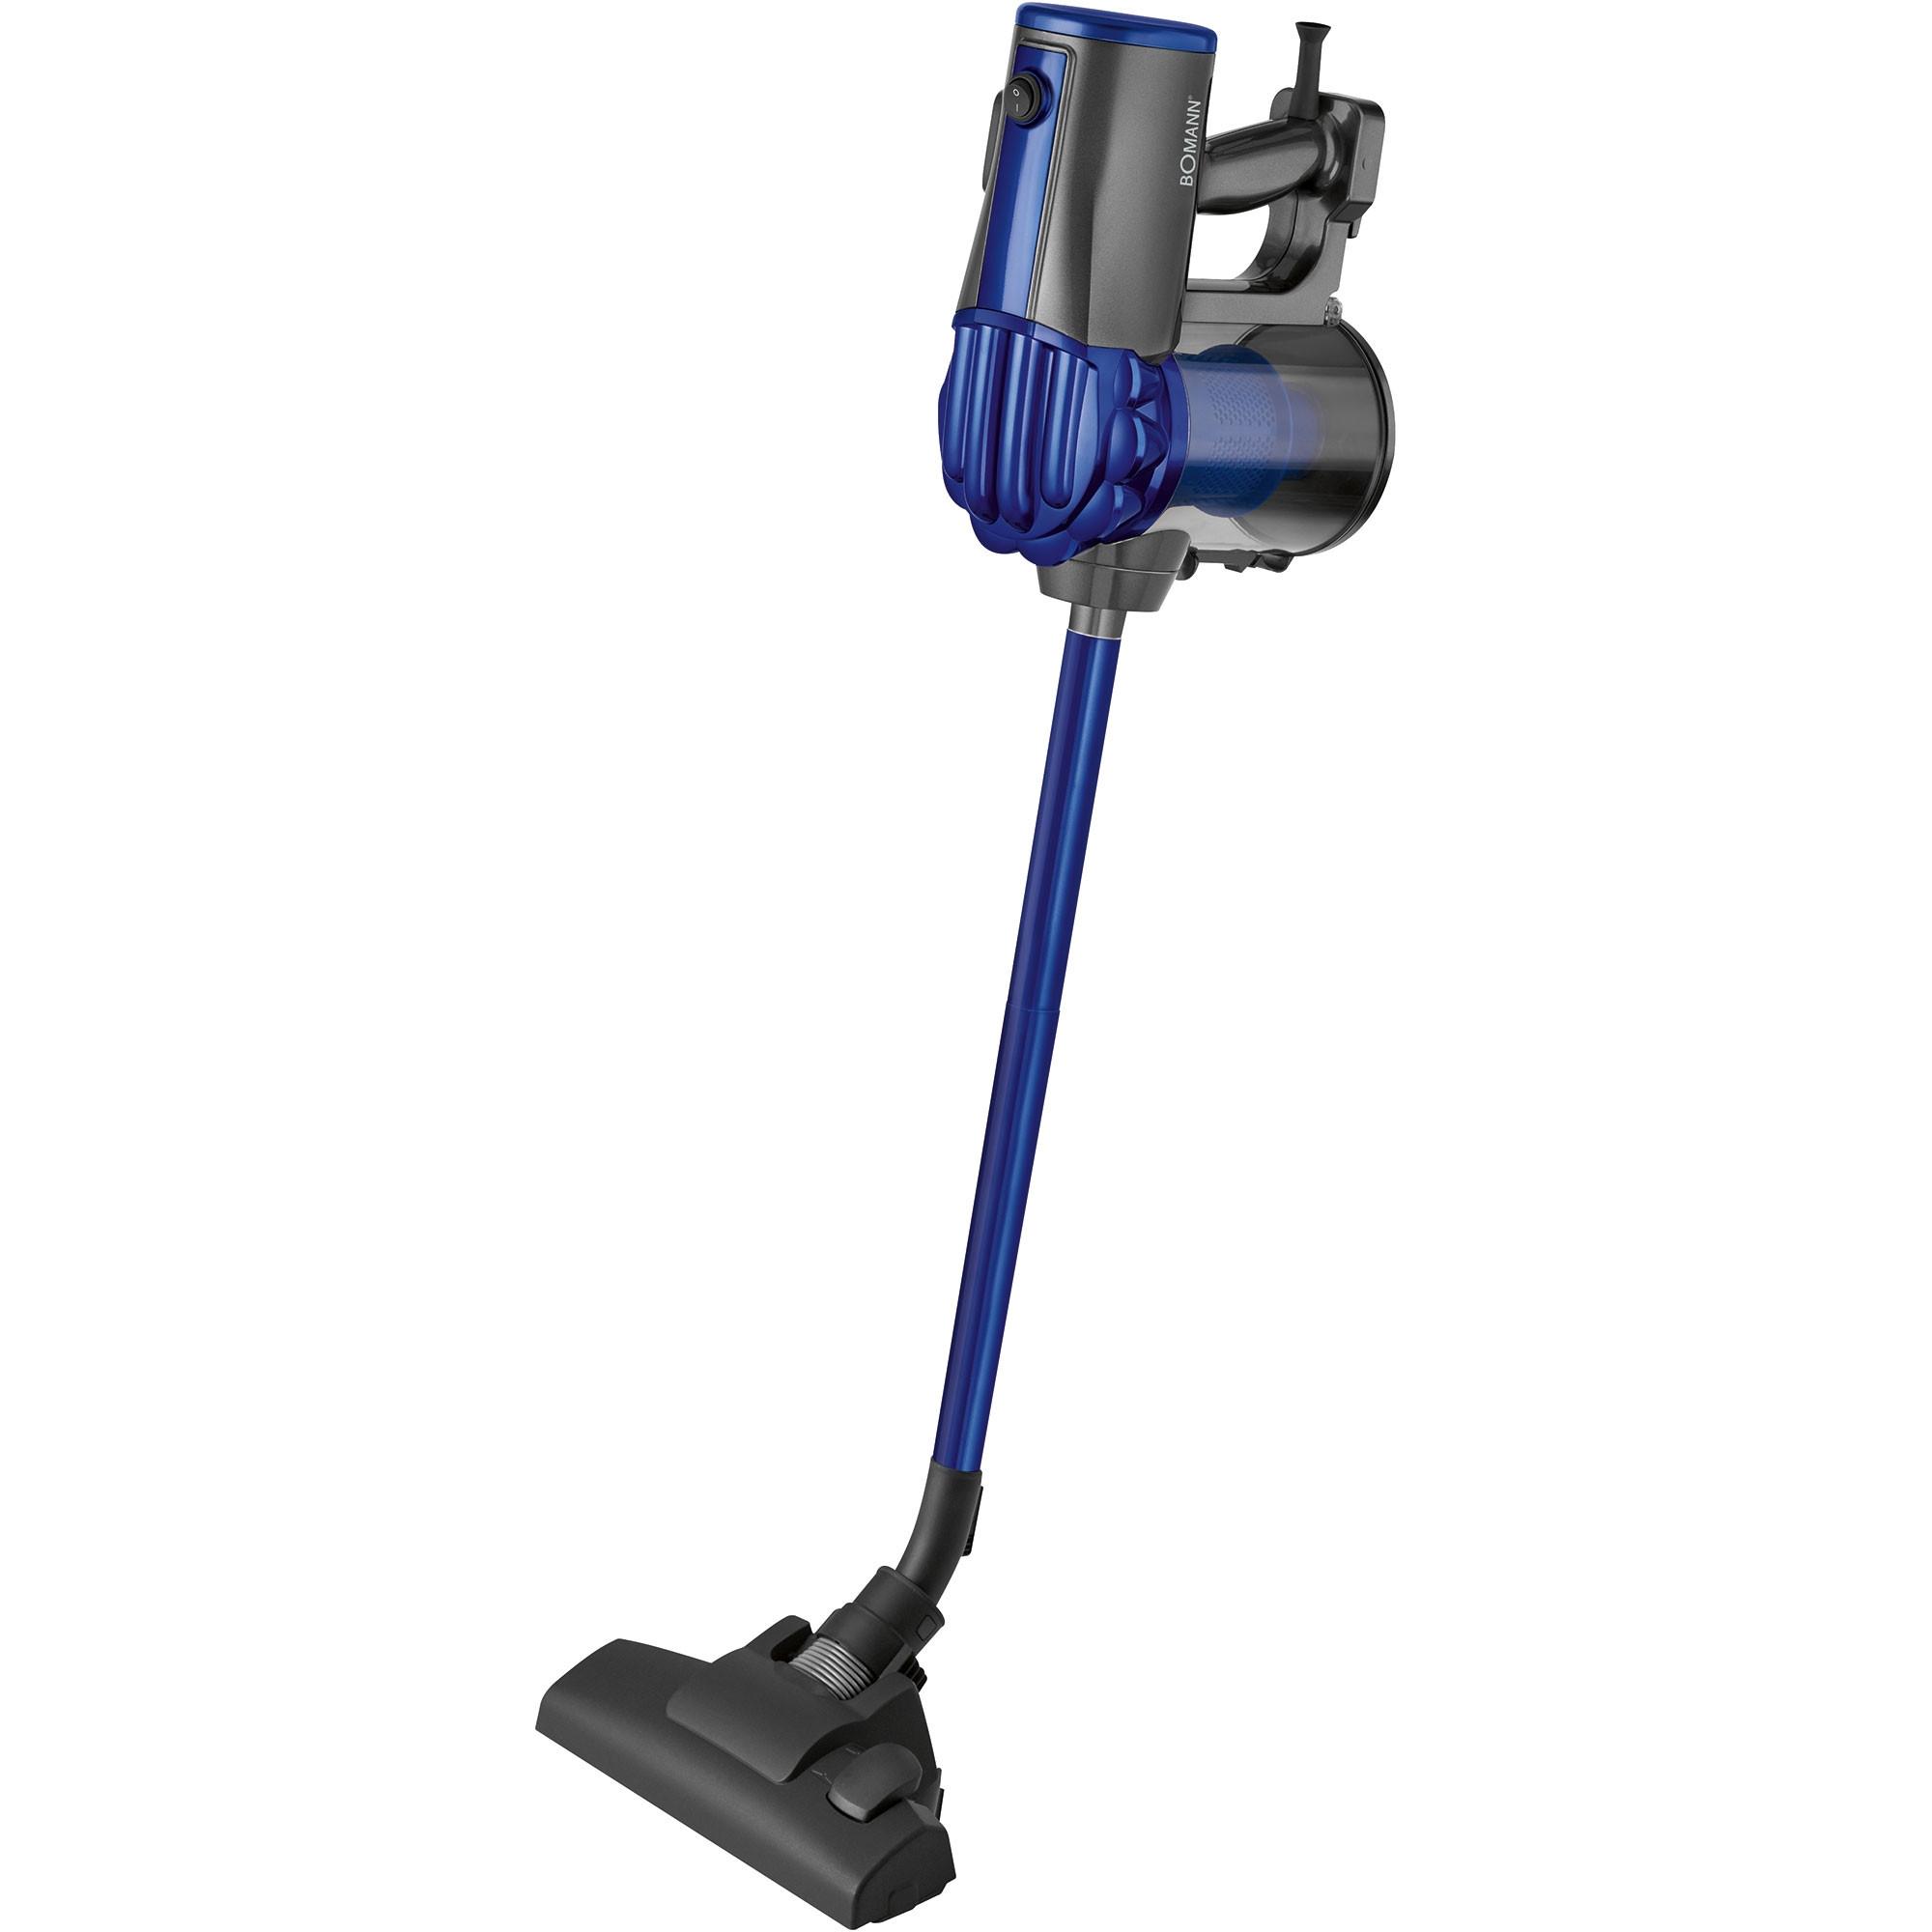 Bomann Aspirador 600W A BS 1948 azul